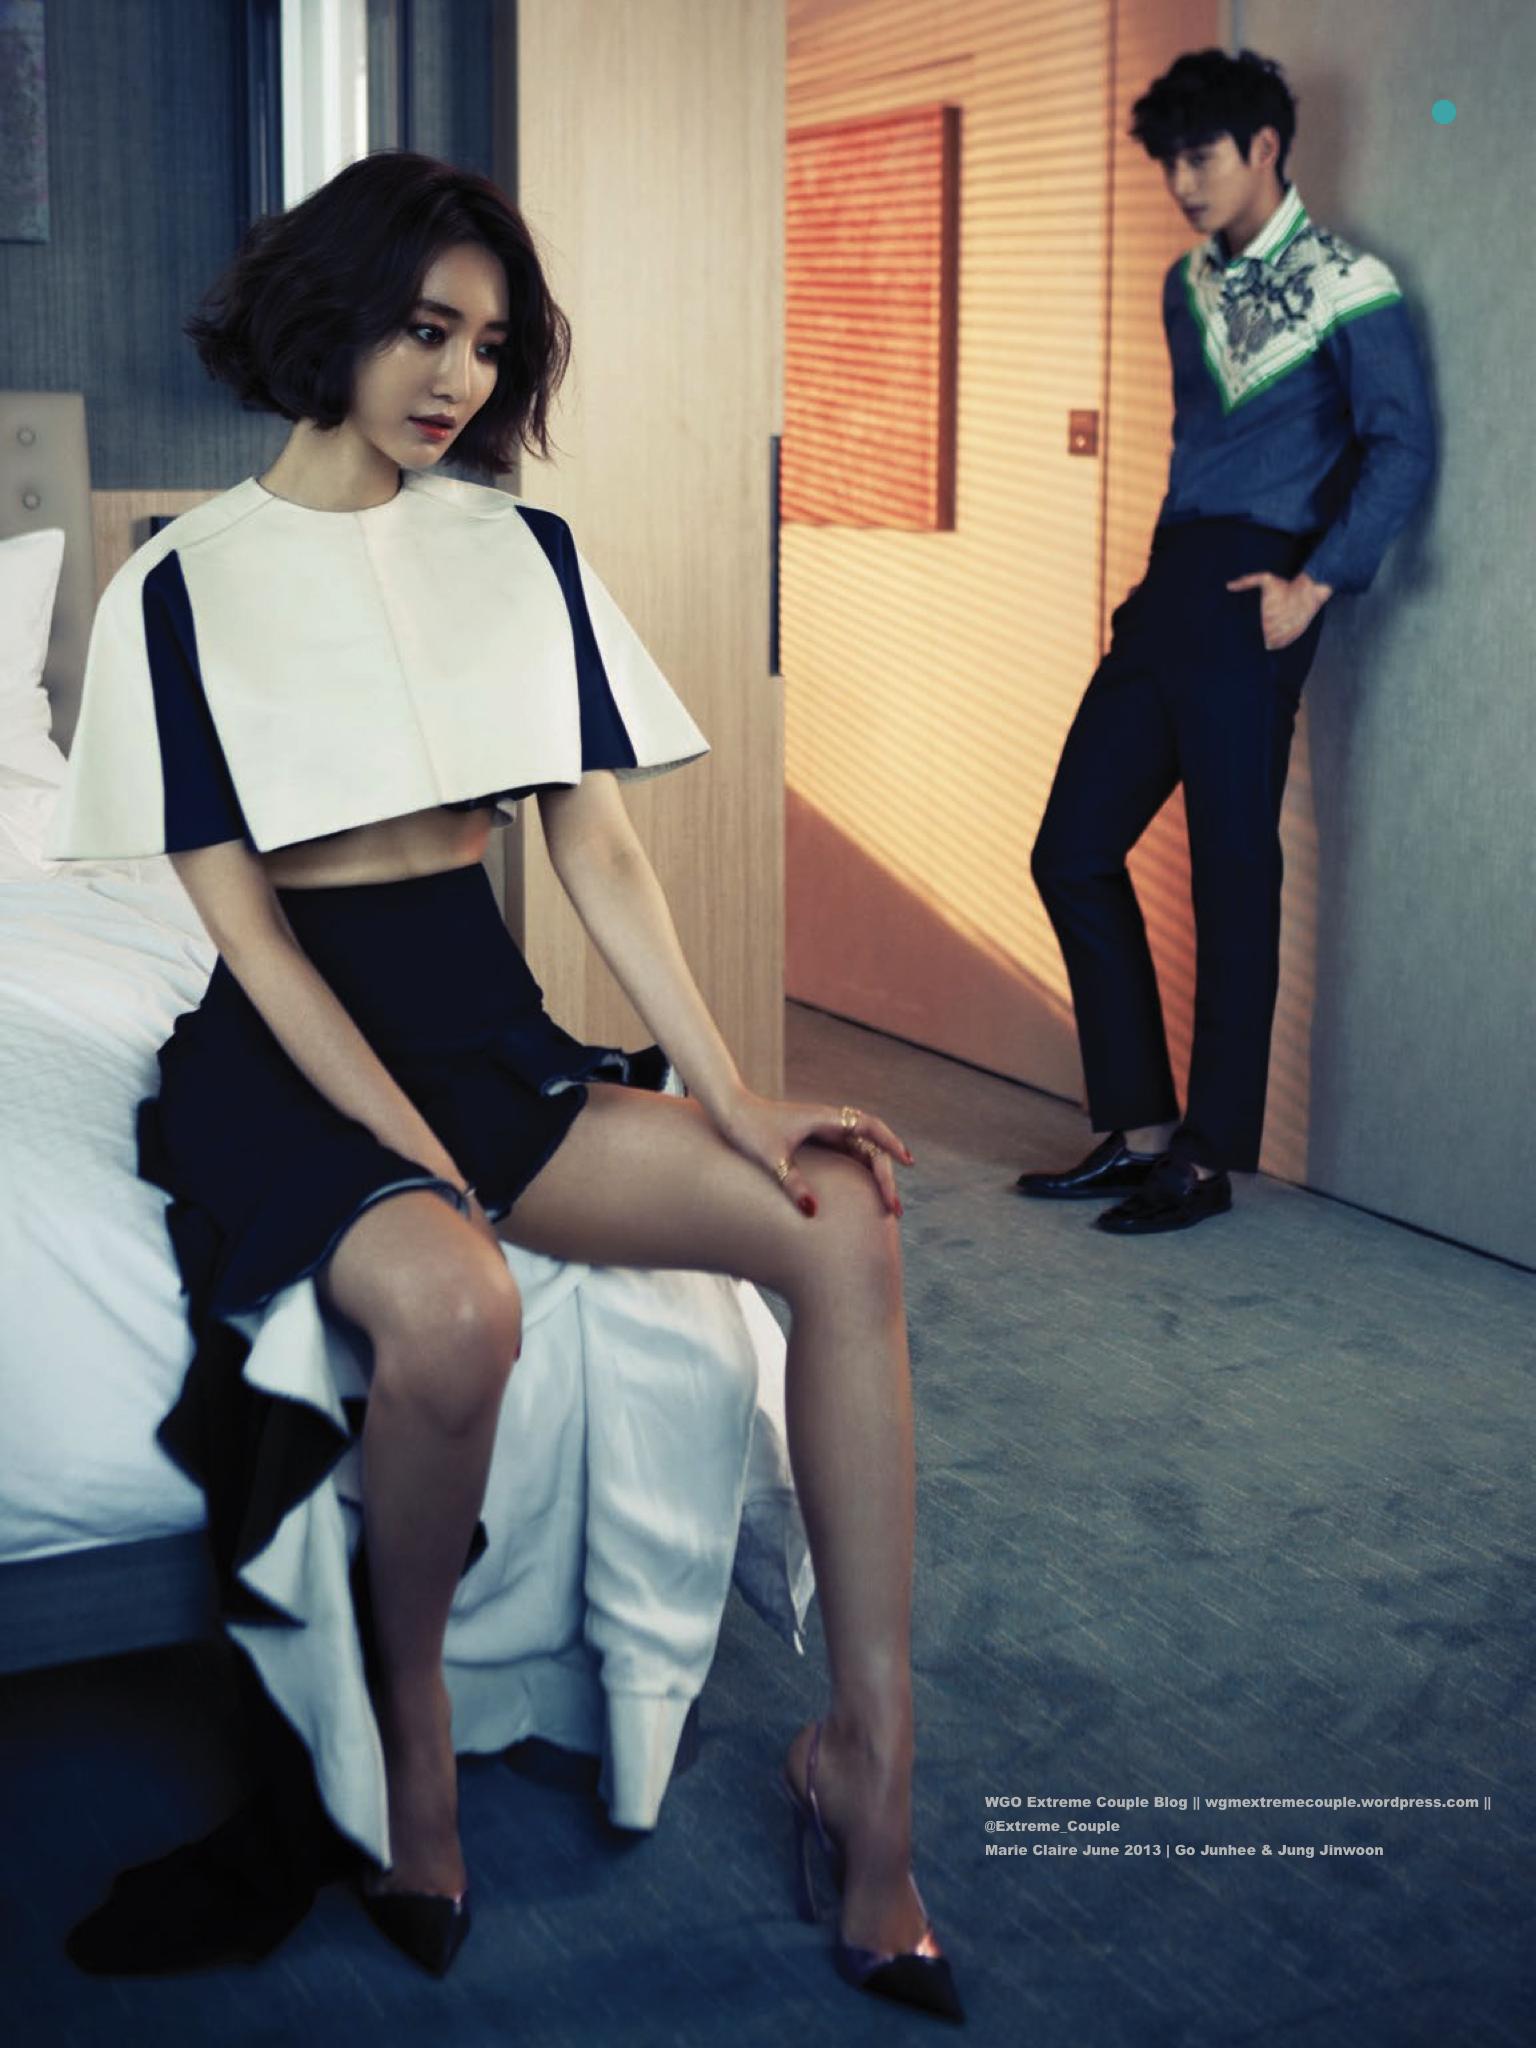 Jung Jinwoon Go Jun Hee Hookup